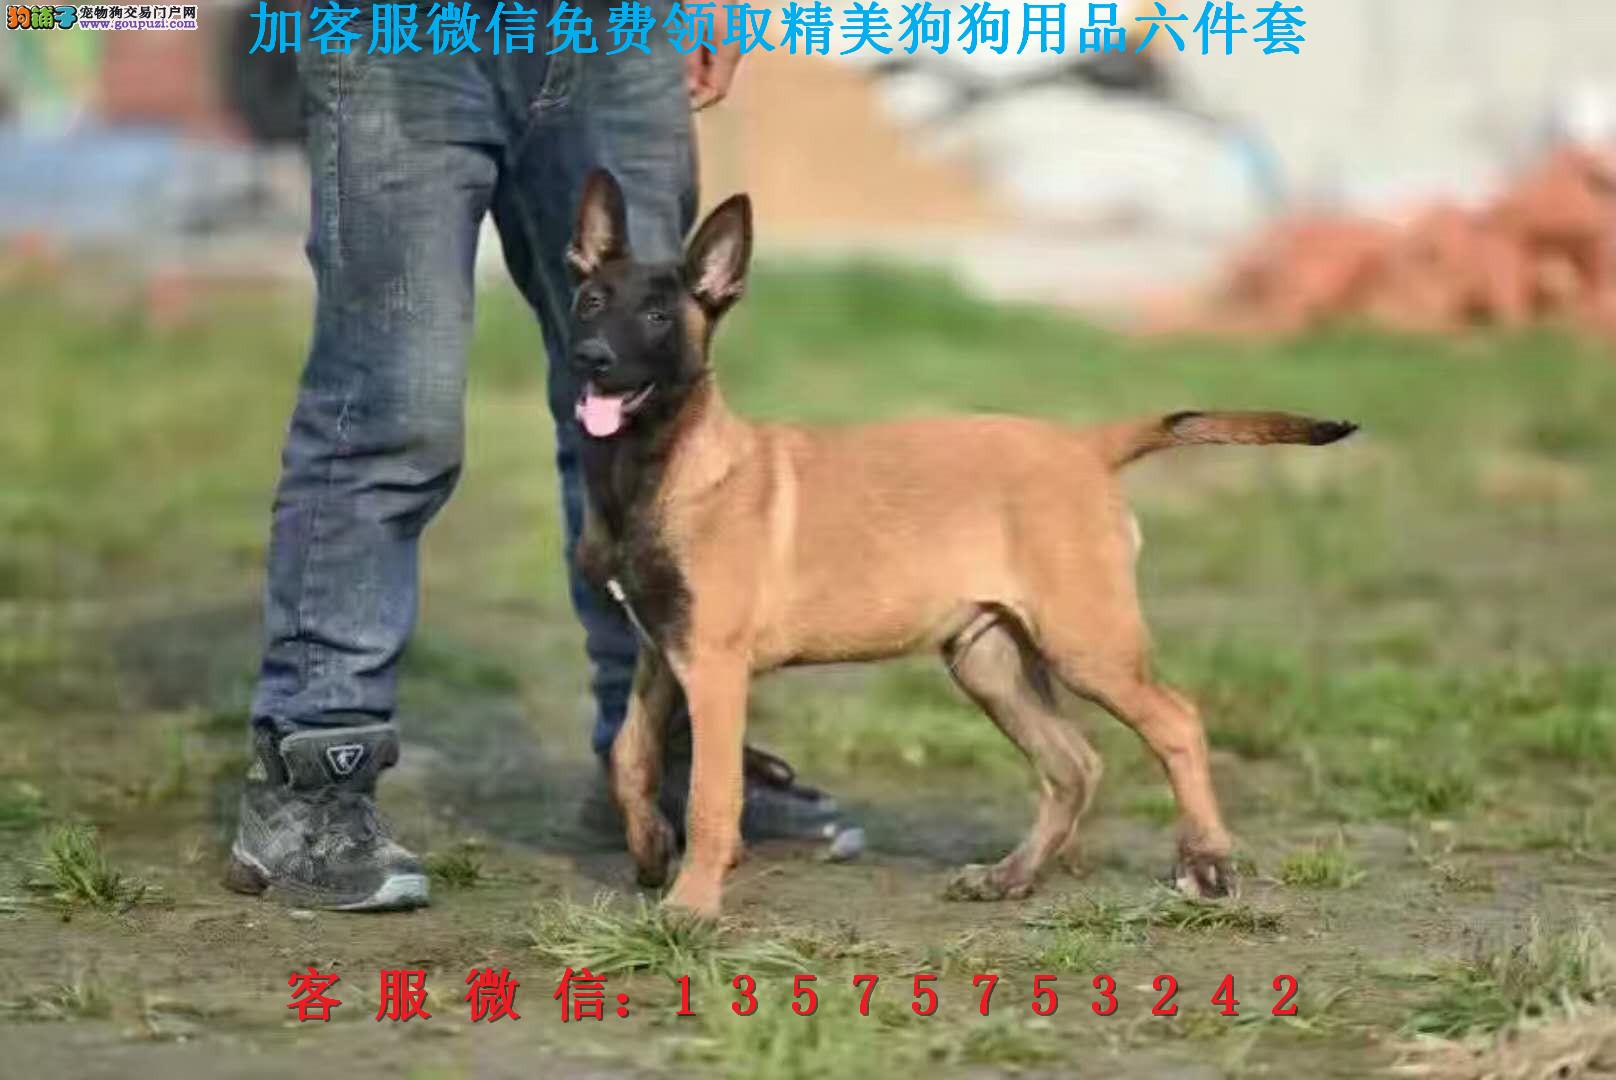 乐高犬业▎赛级马犬 ▎带出生纸血统证及疫苗本